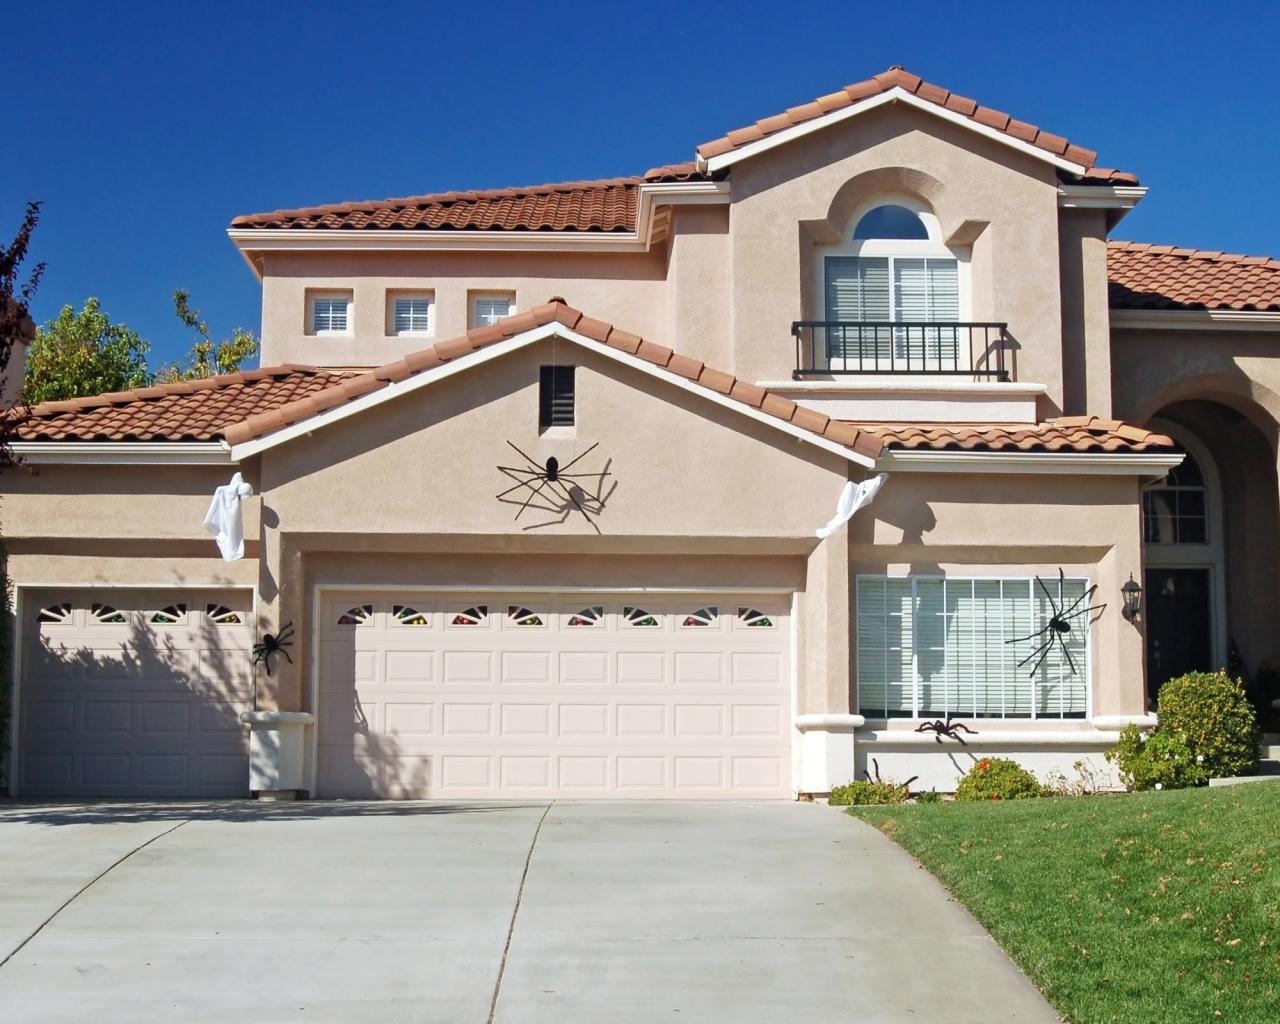 Modelos de casas americanas hd 1280x1024 imagenes for Modelos de casas americanas